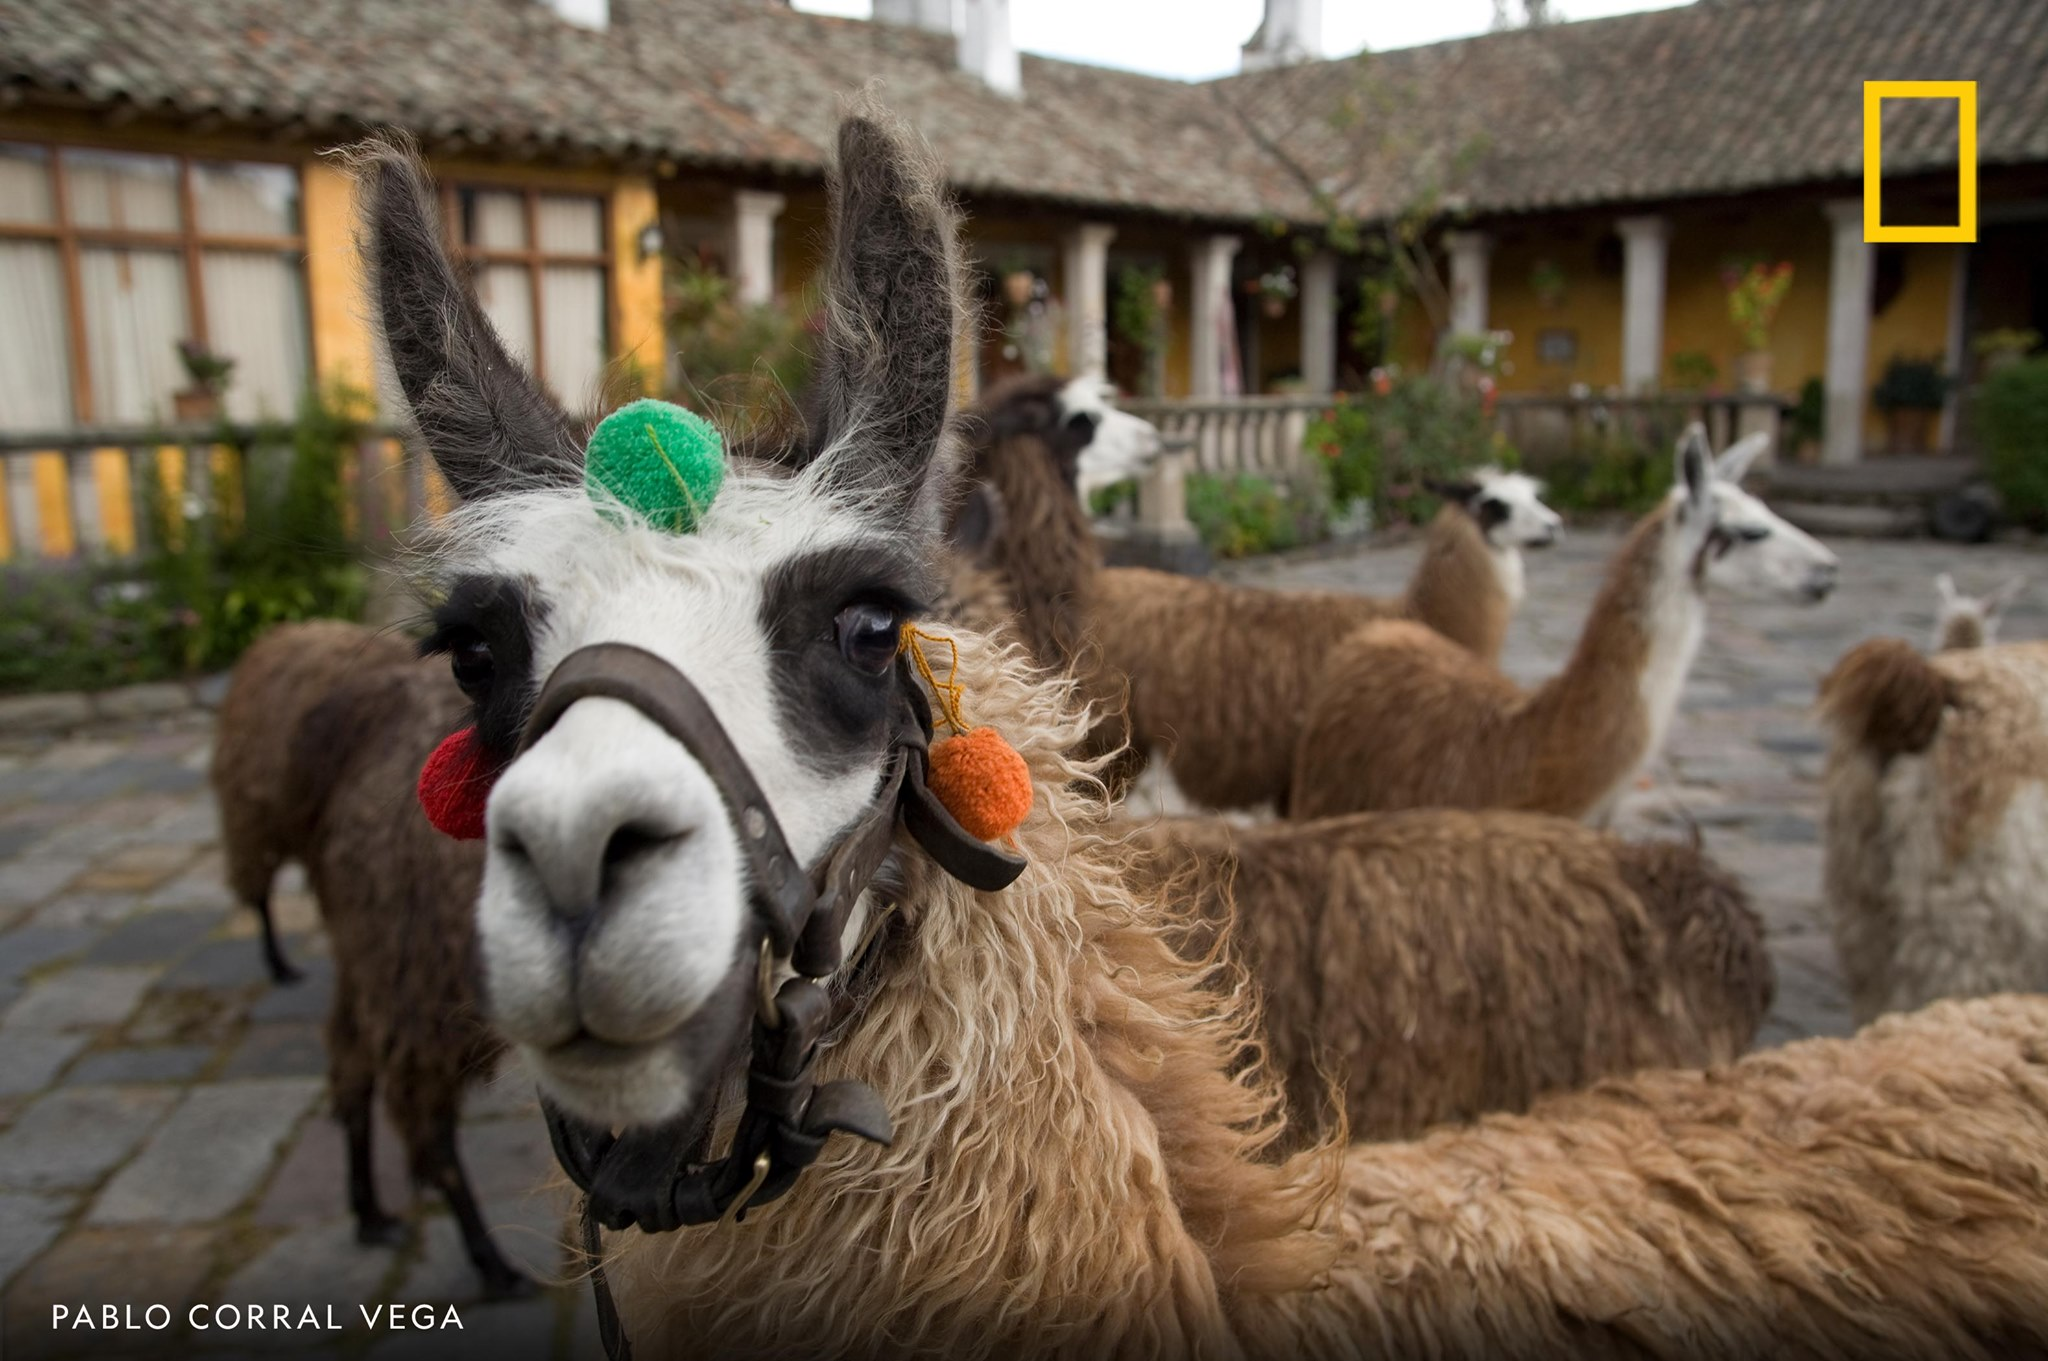 Llamas congregate at the 15th century Hacienda San Agustin de Callo in this image captured by photographer Pablo Corral Vega in Ecuador. https://t.co/BAoeJY4IGa